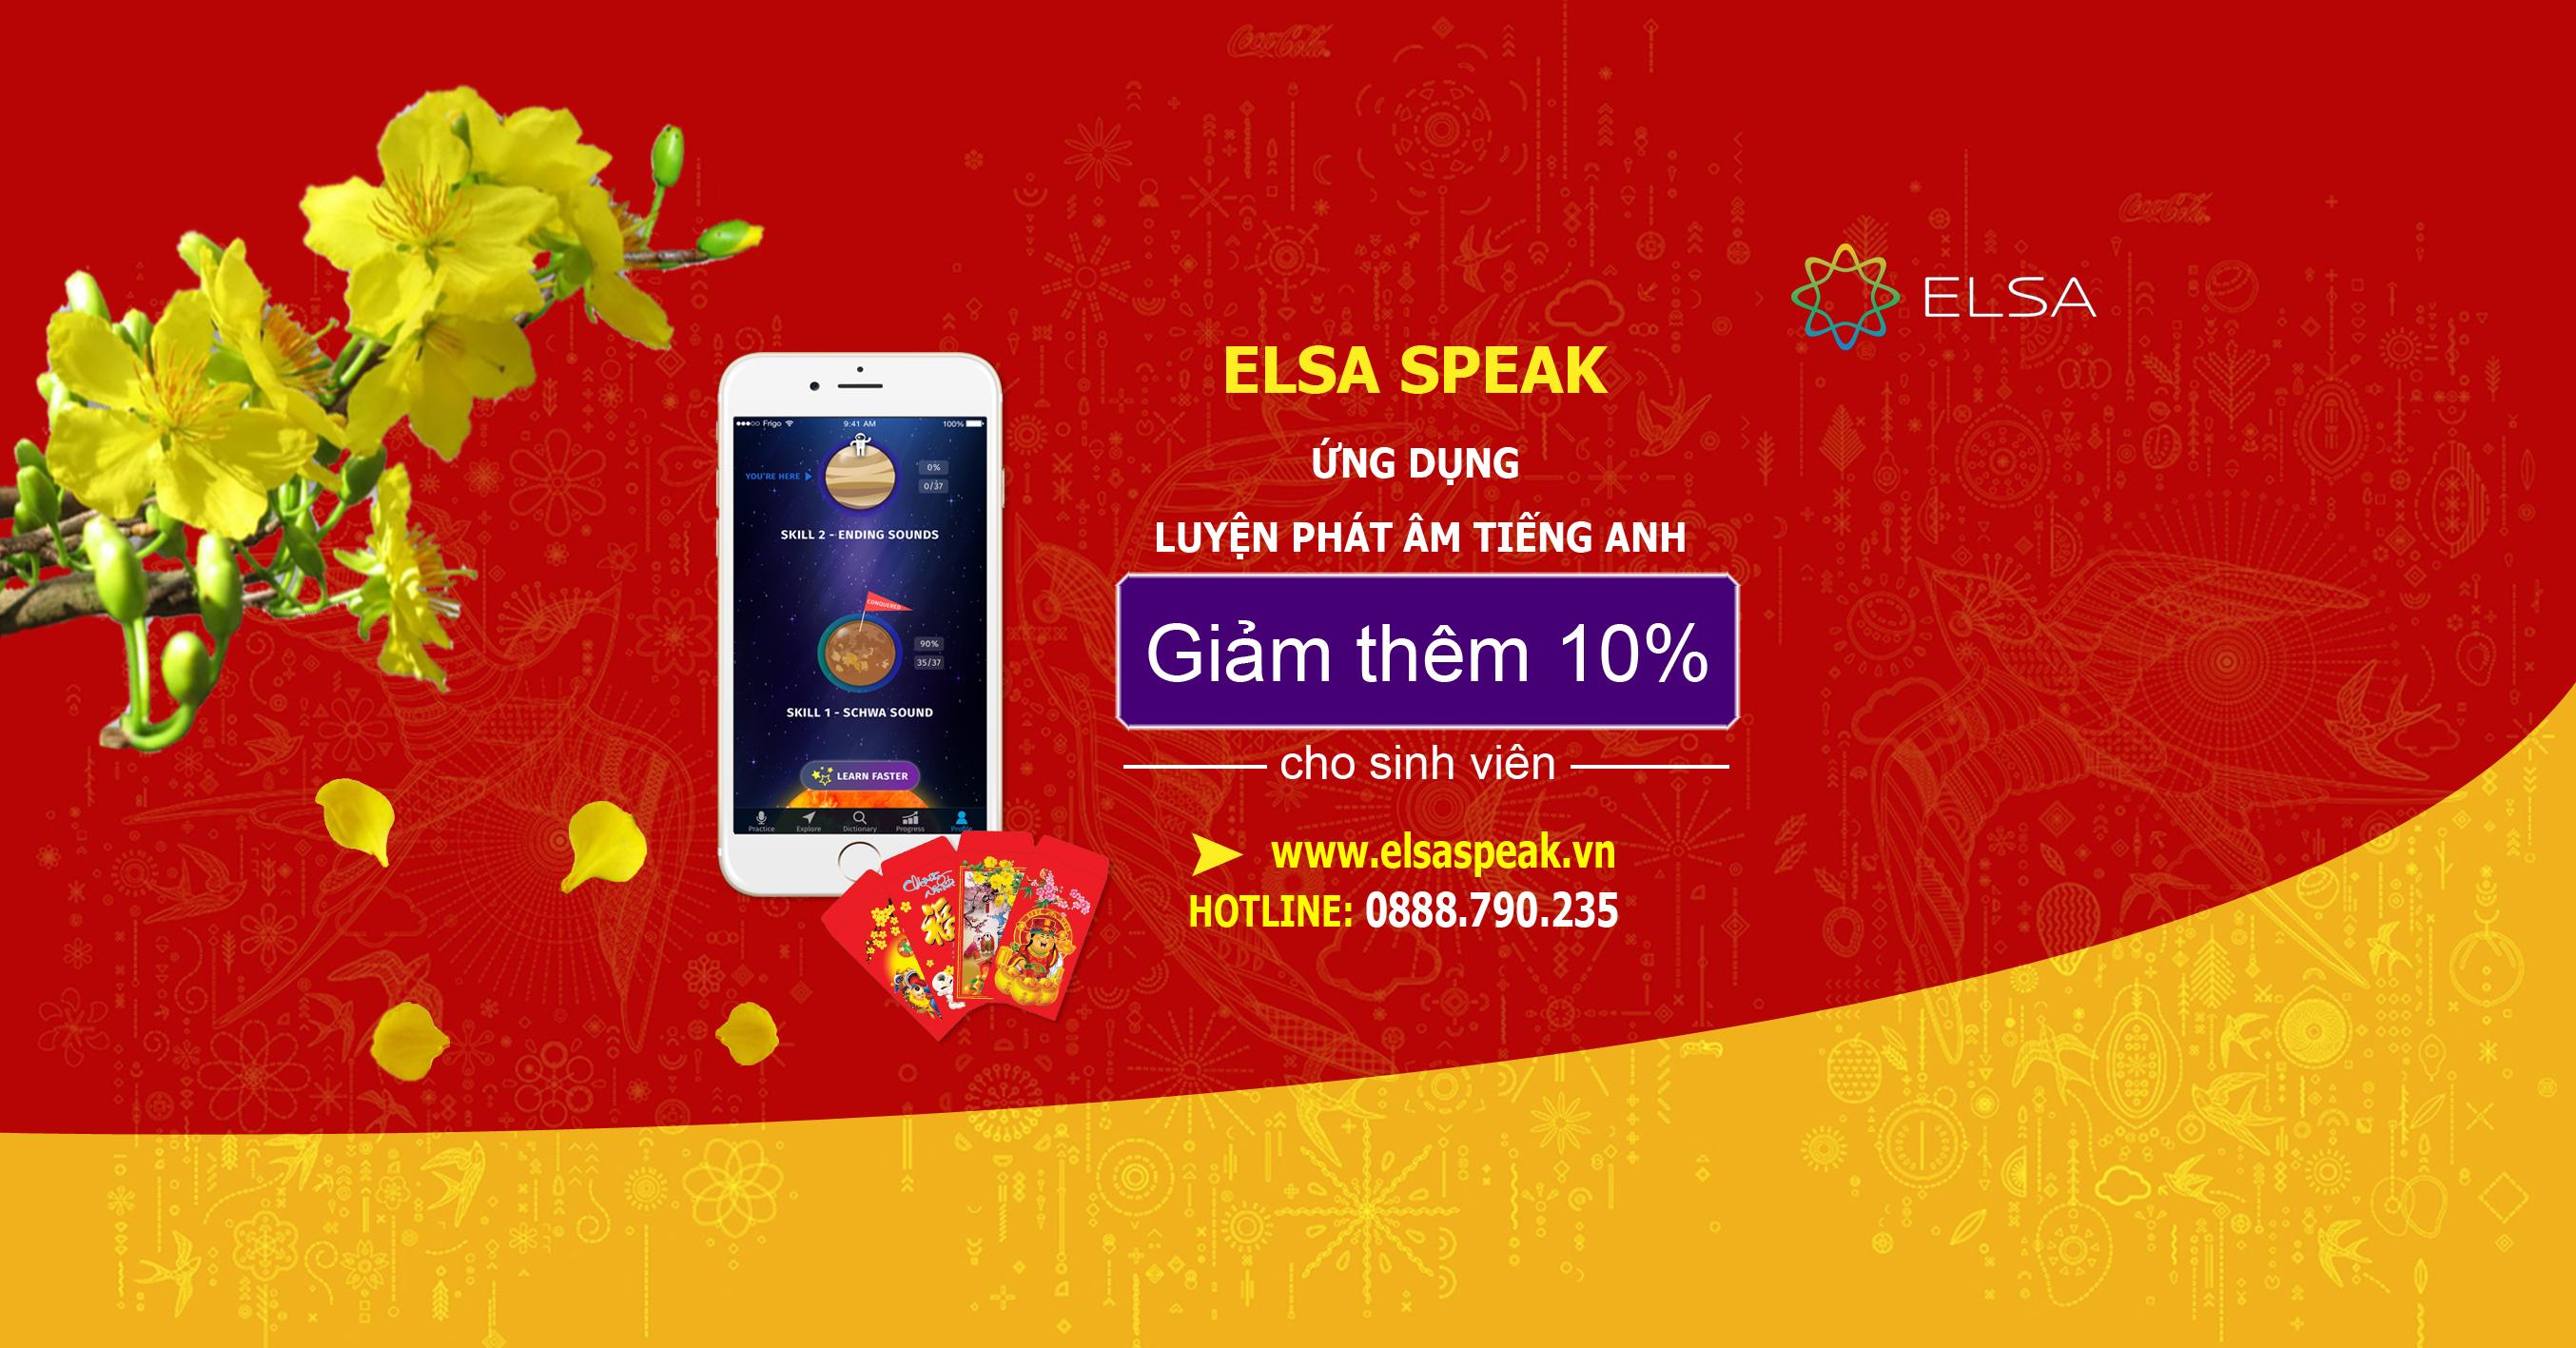 Ứng dụng luyện phát âm Elsa Speak giảm giá lên tới 80%